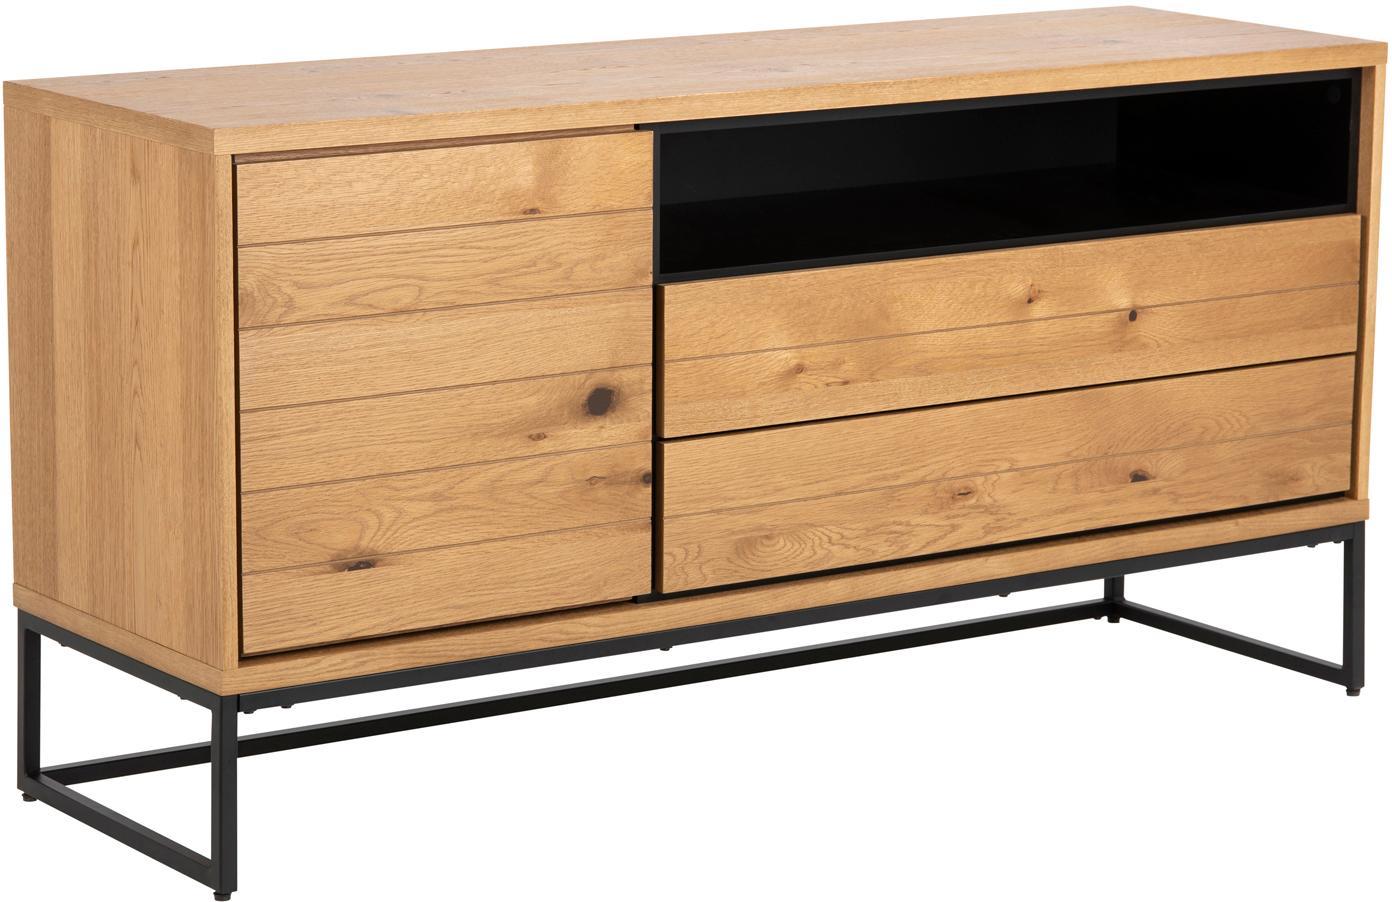 Sideboard Dalarna mit Eichenholzfurnier, Korpus: Mitteldichte Holzfaserpla, Füße: Metall, pulverbeschichtet, Wildeichenholz, Schwarz, B 150 x T 45 cm